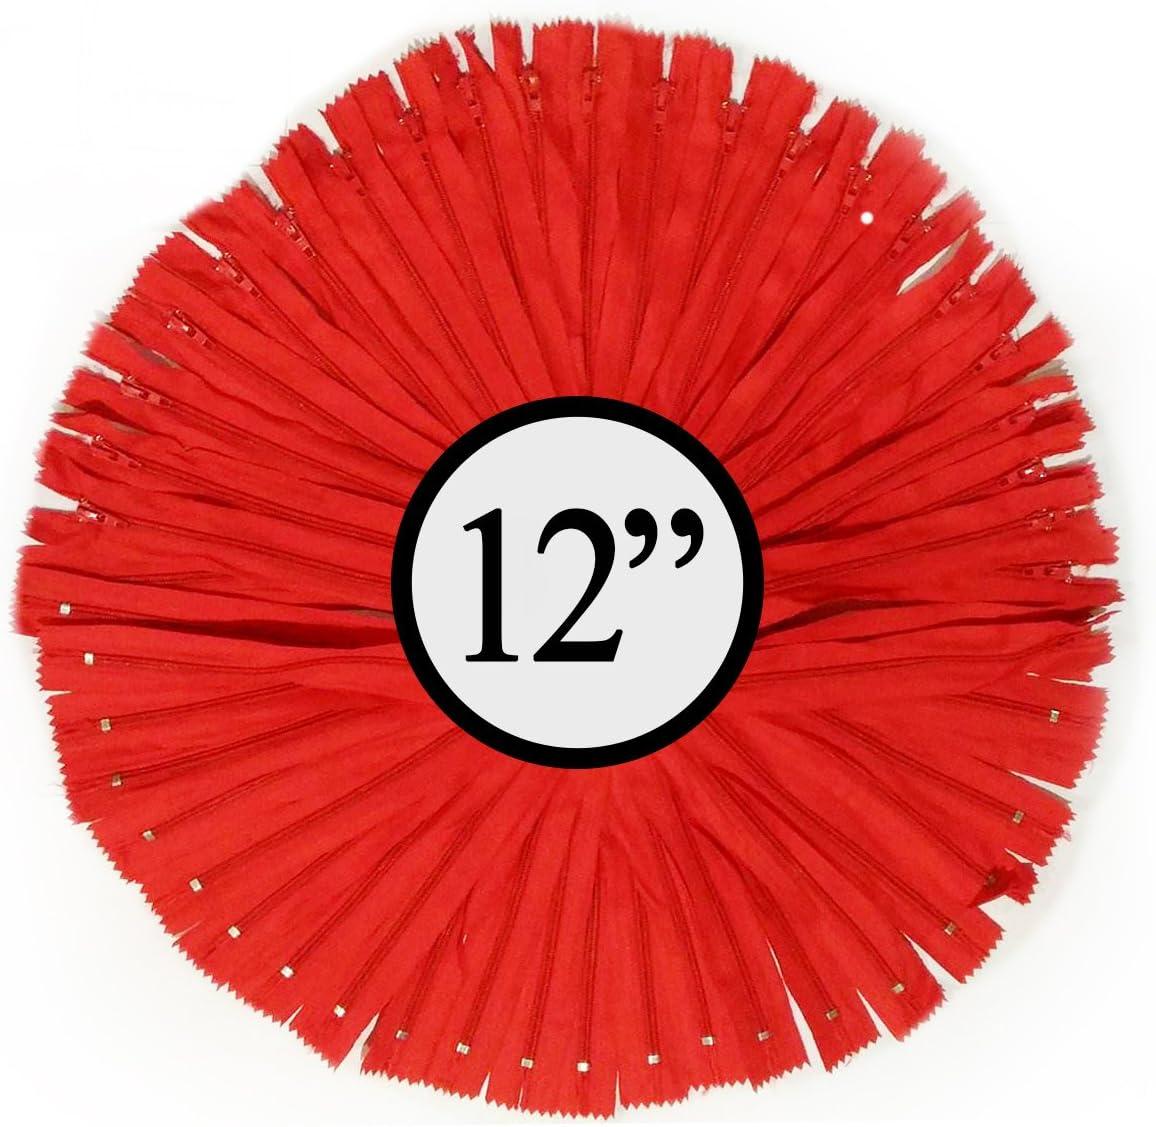 100 cremalleras//paquete blanco KGS Cremallera de nailon de 12 pulgadas #3